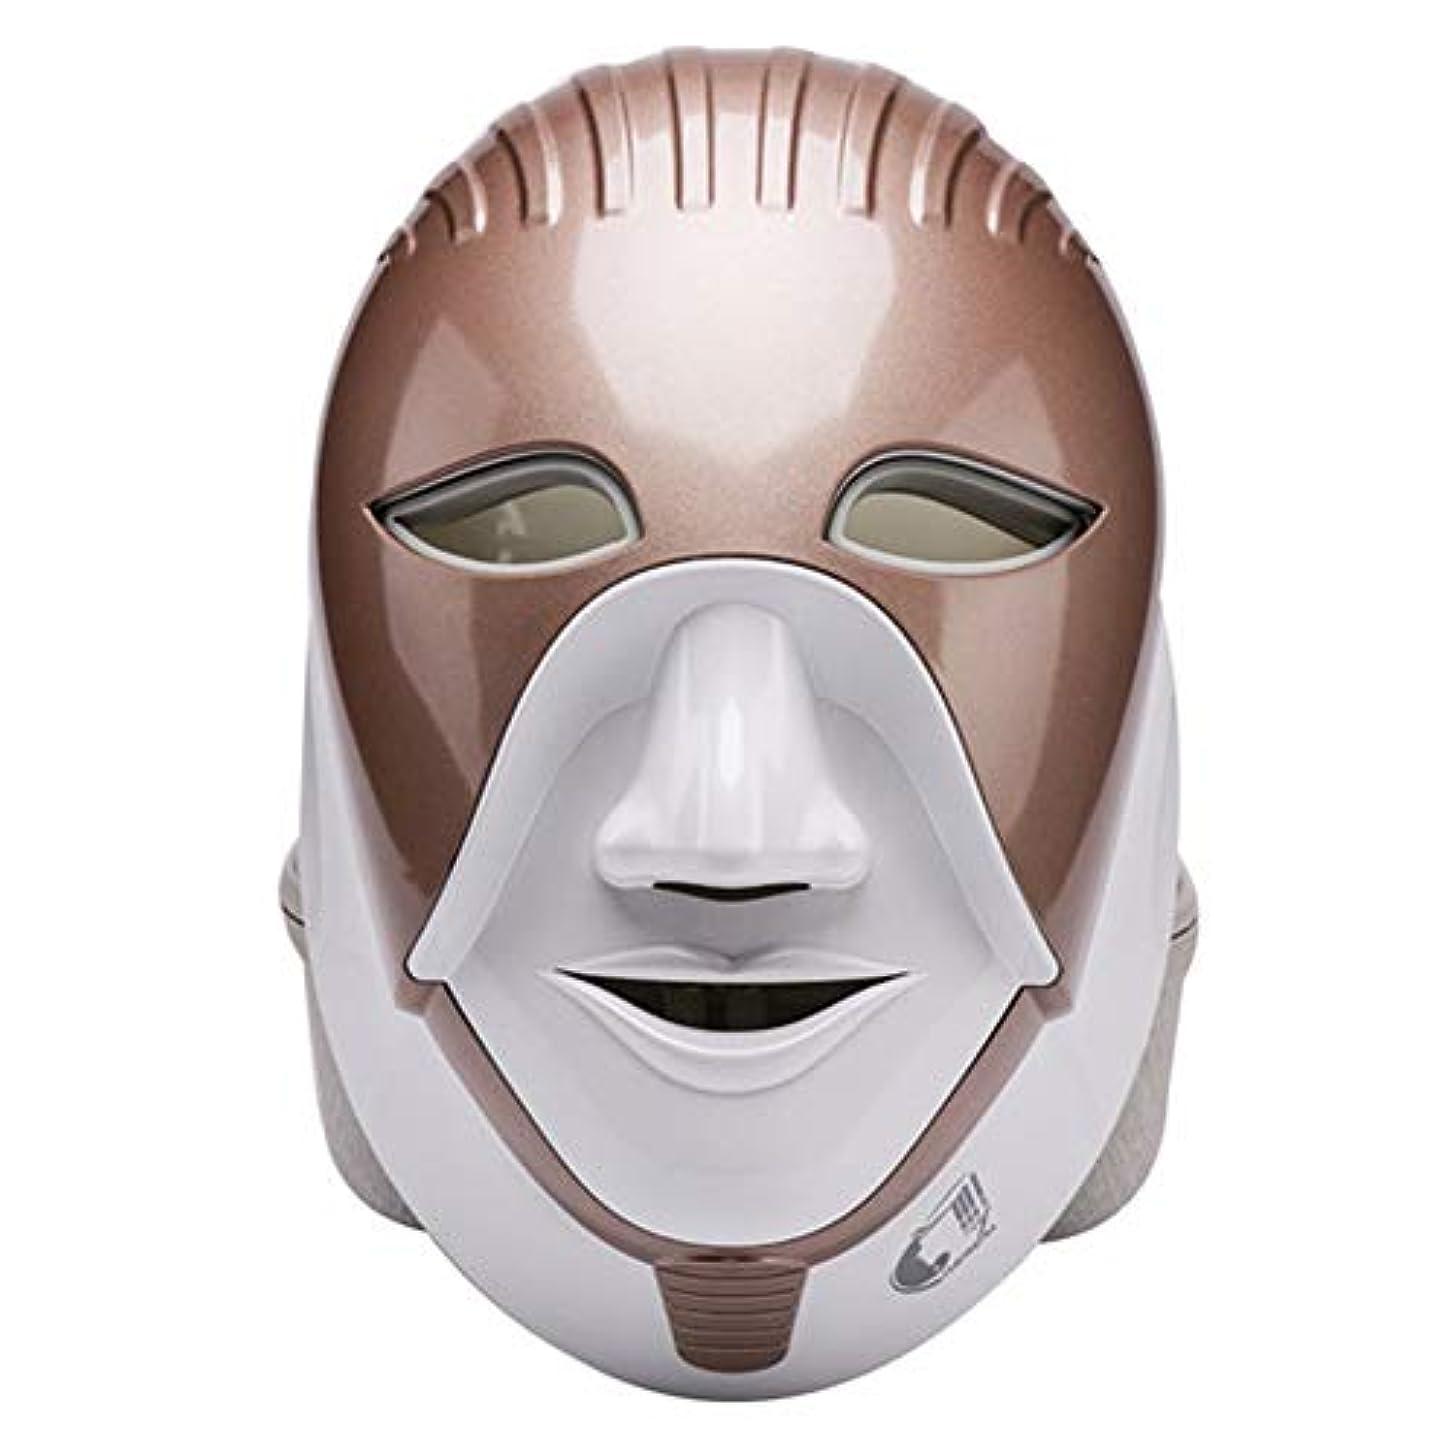 著者著者四半期マスク、光線療法にきびマスク7色光をにきびに適用することができます。スポットにきび、引き締め肌ケアツール